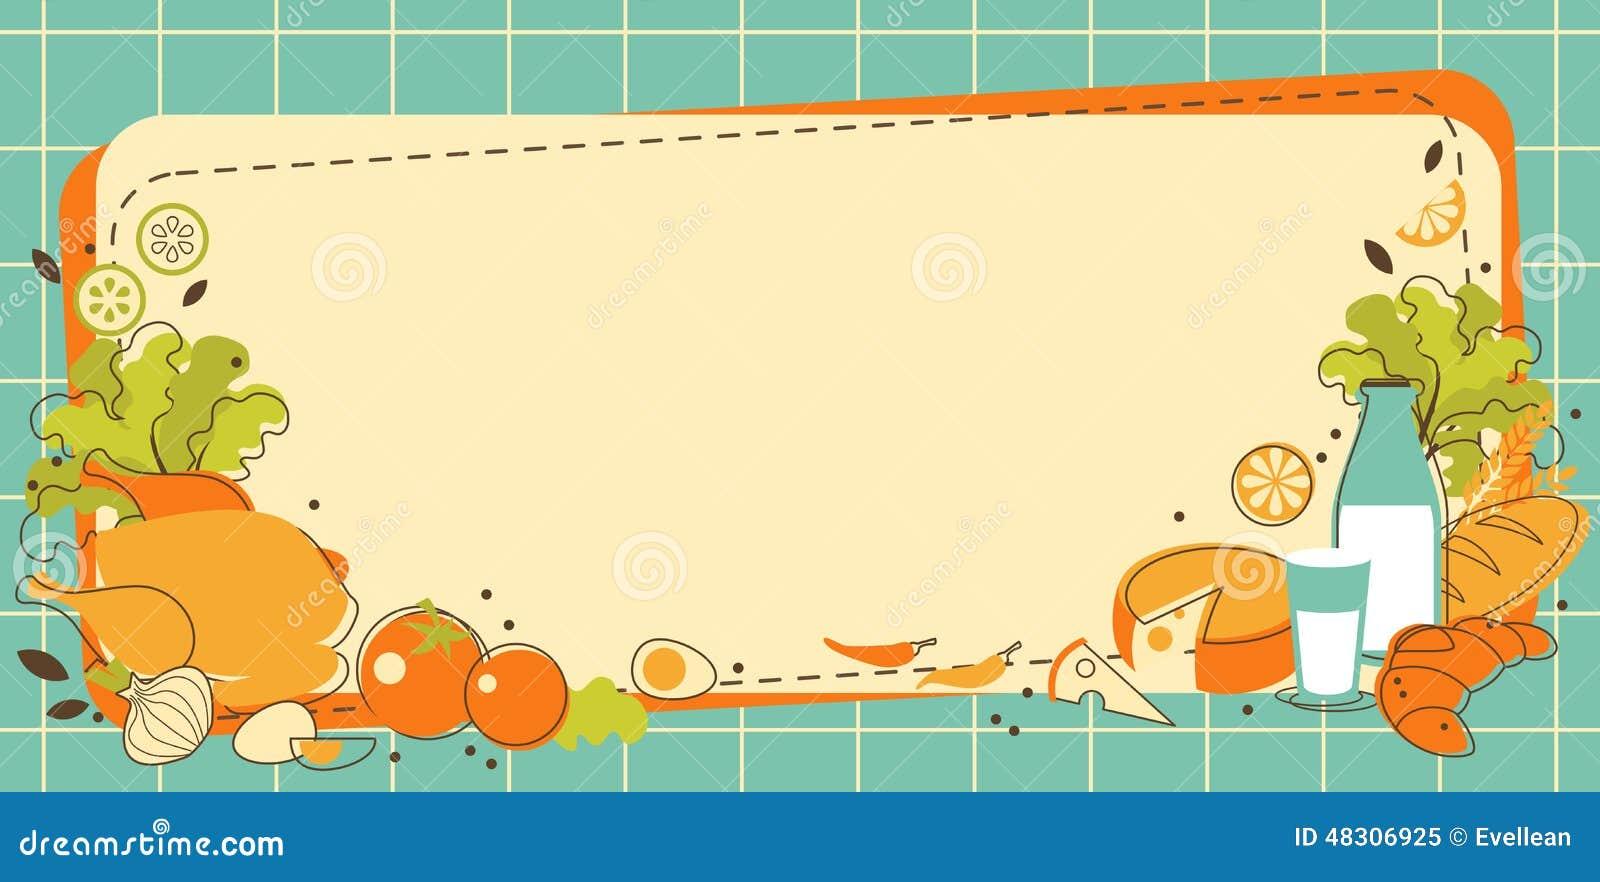 食物ppt背景图片分享_食物ppt背景图片分享